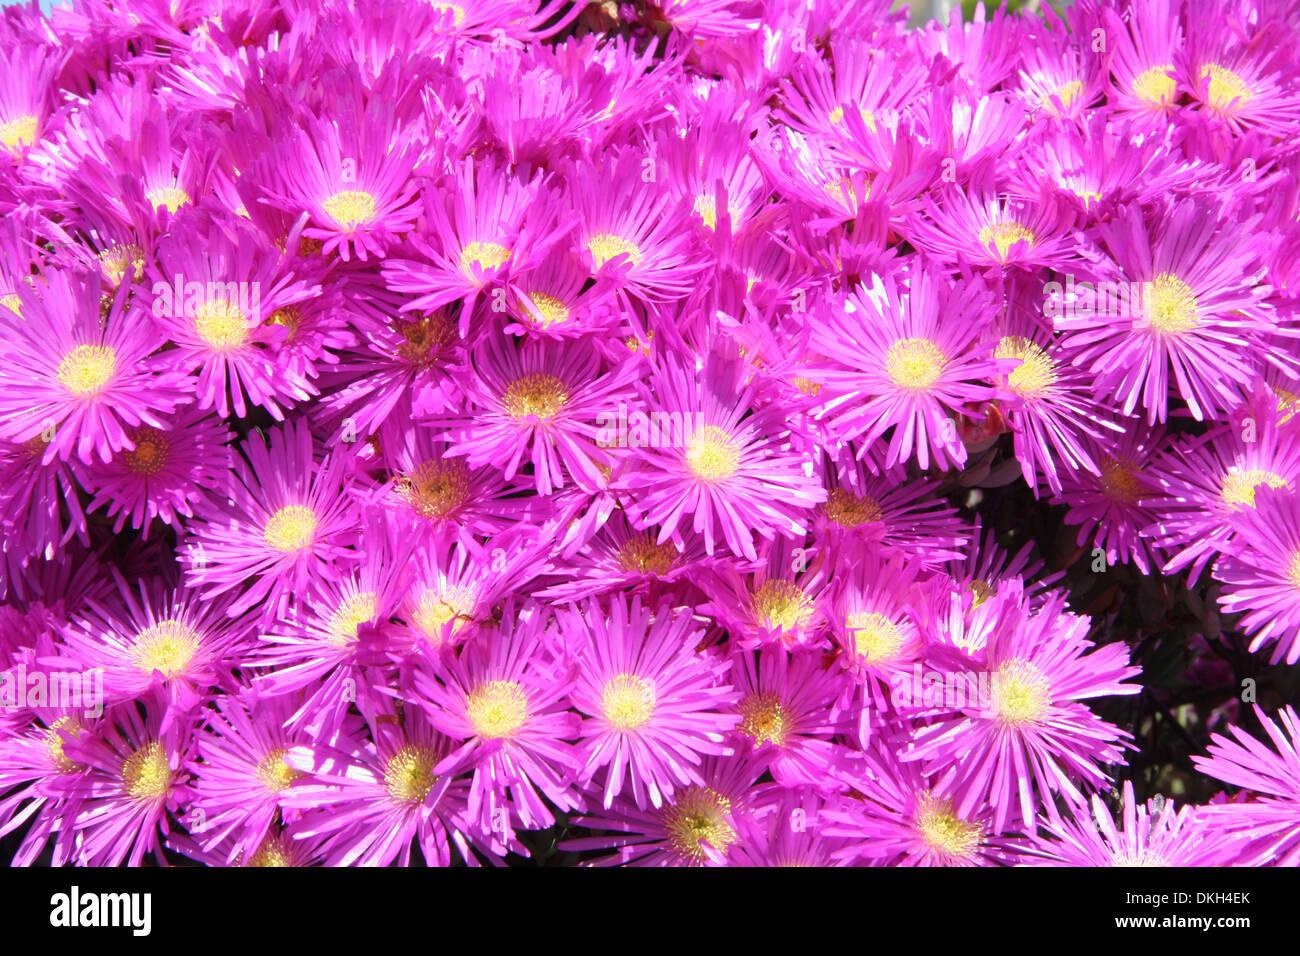 Long Thin Petals Stock Photos Long Thin Petals Stock Images Alamy